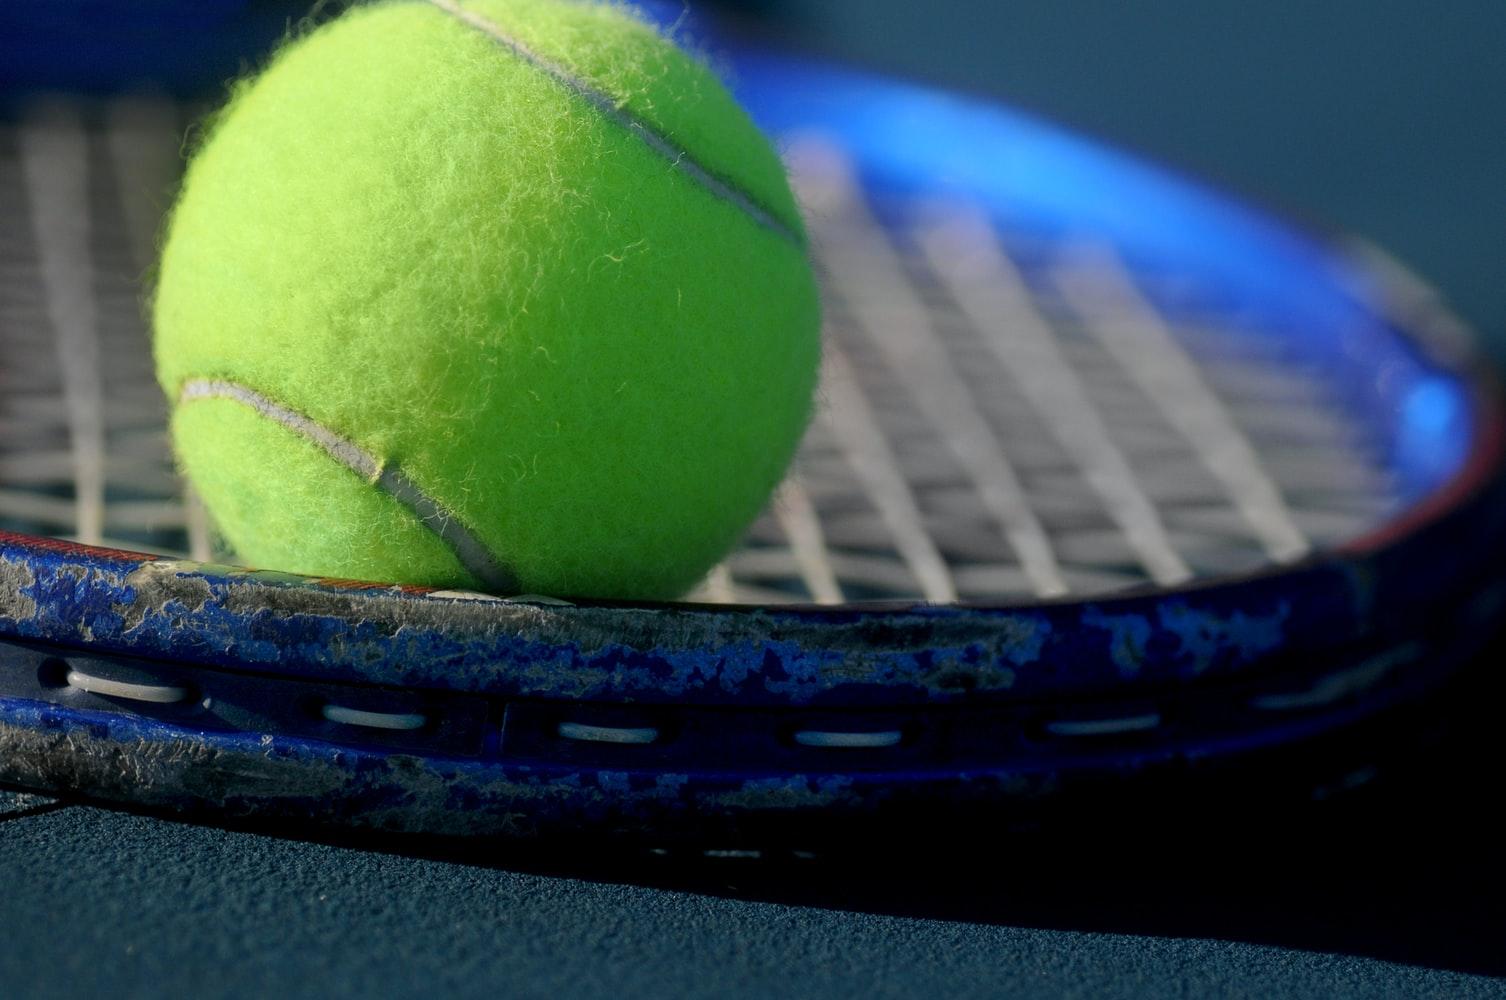 La pratique du tennis en simple est maintenant possible,